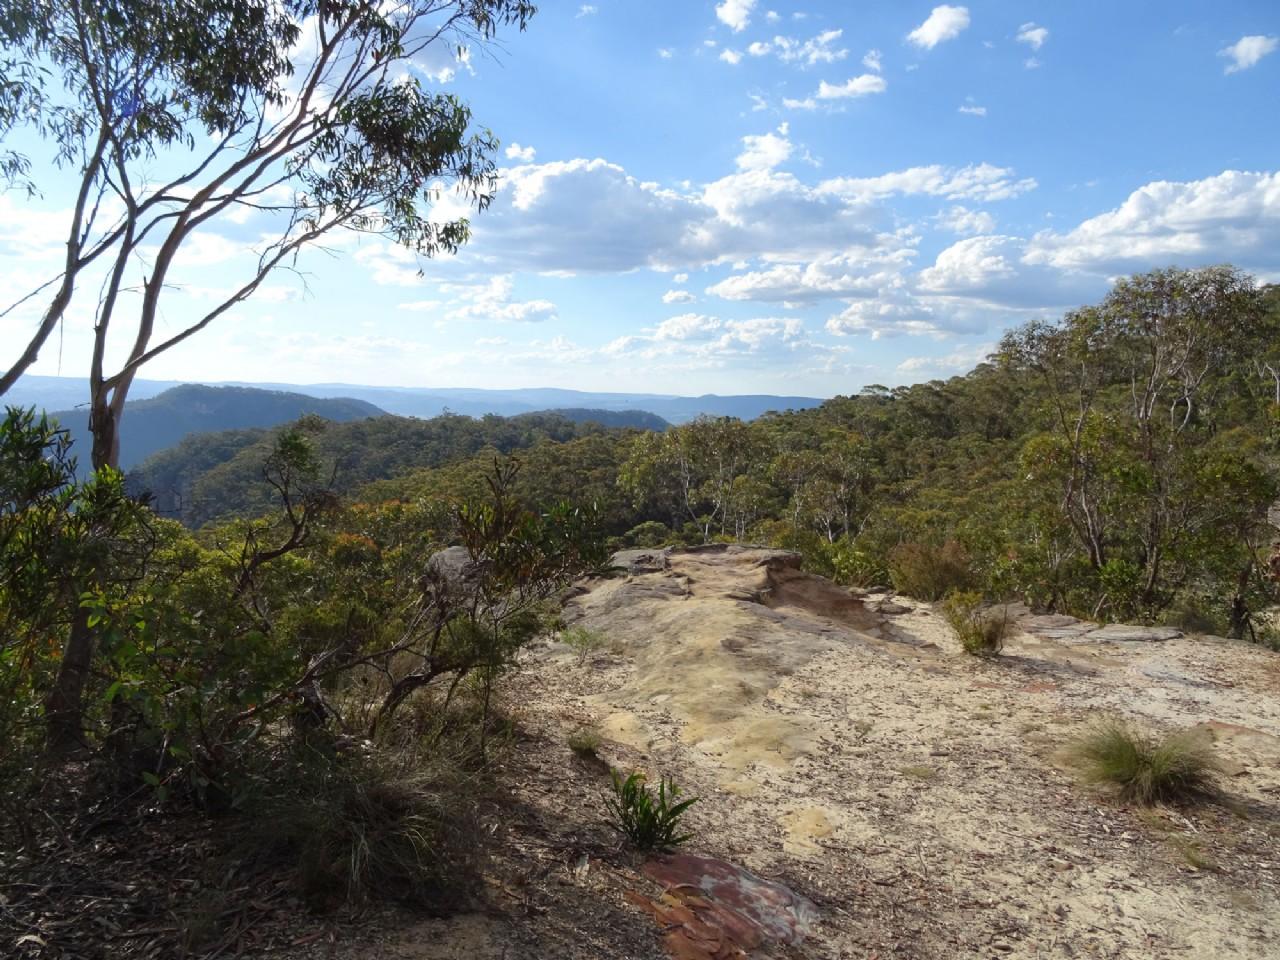 Mount Victoria Blue Mountains Australia